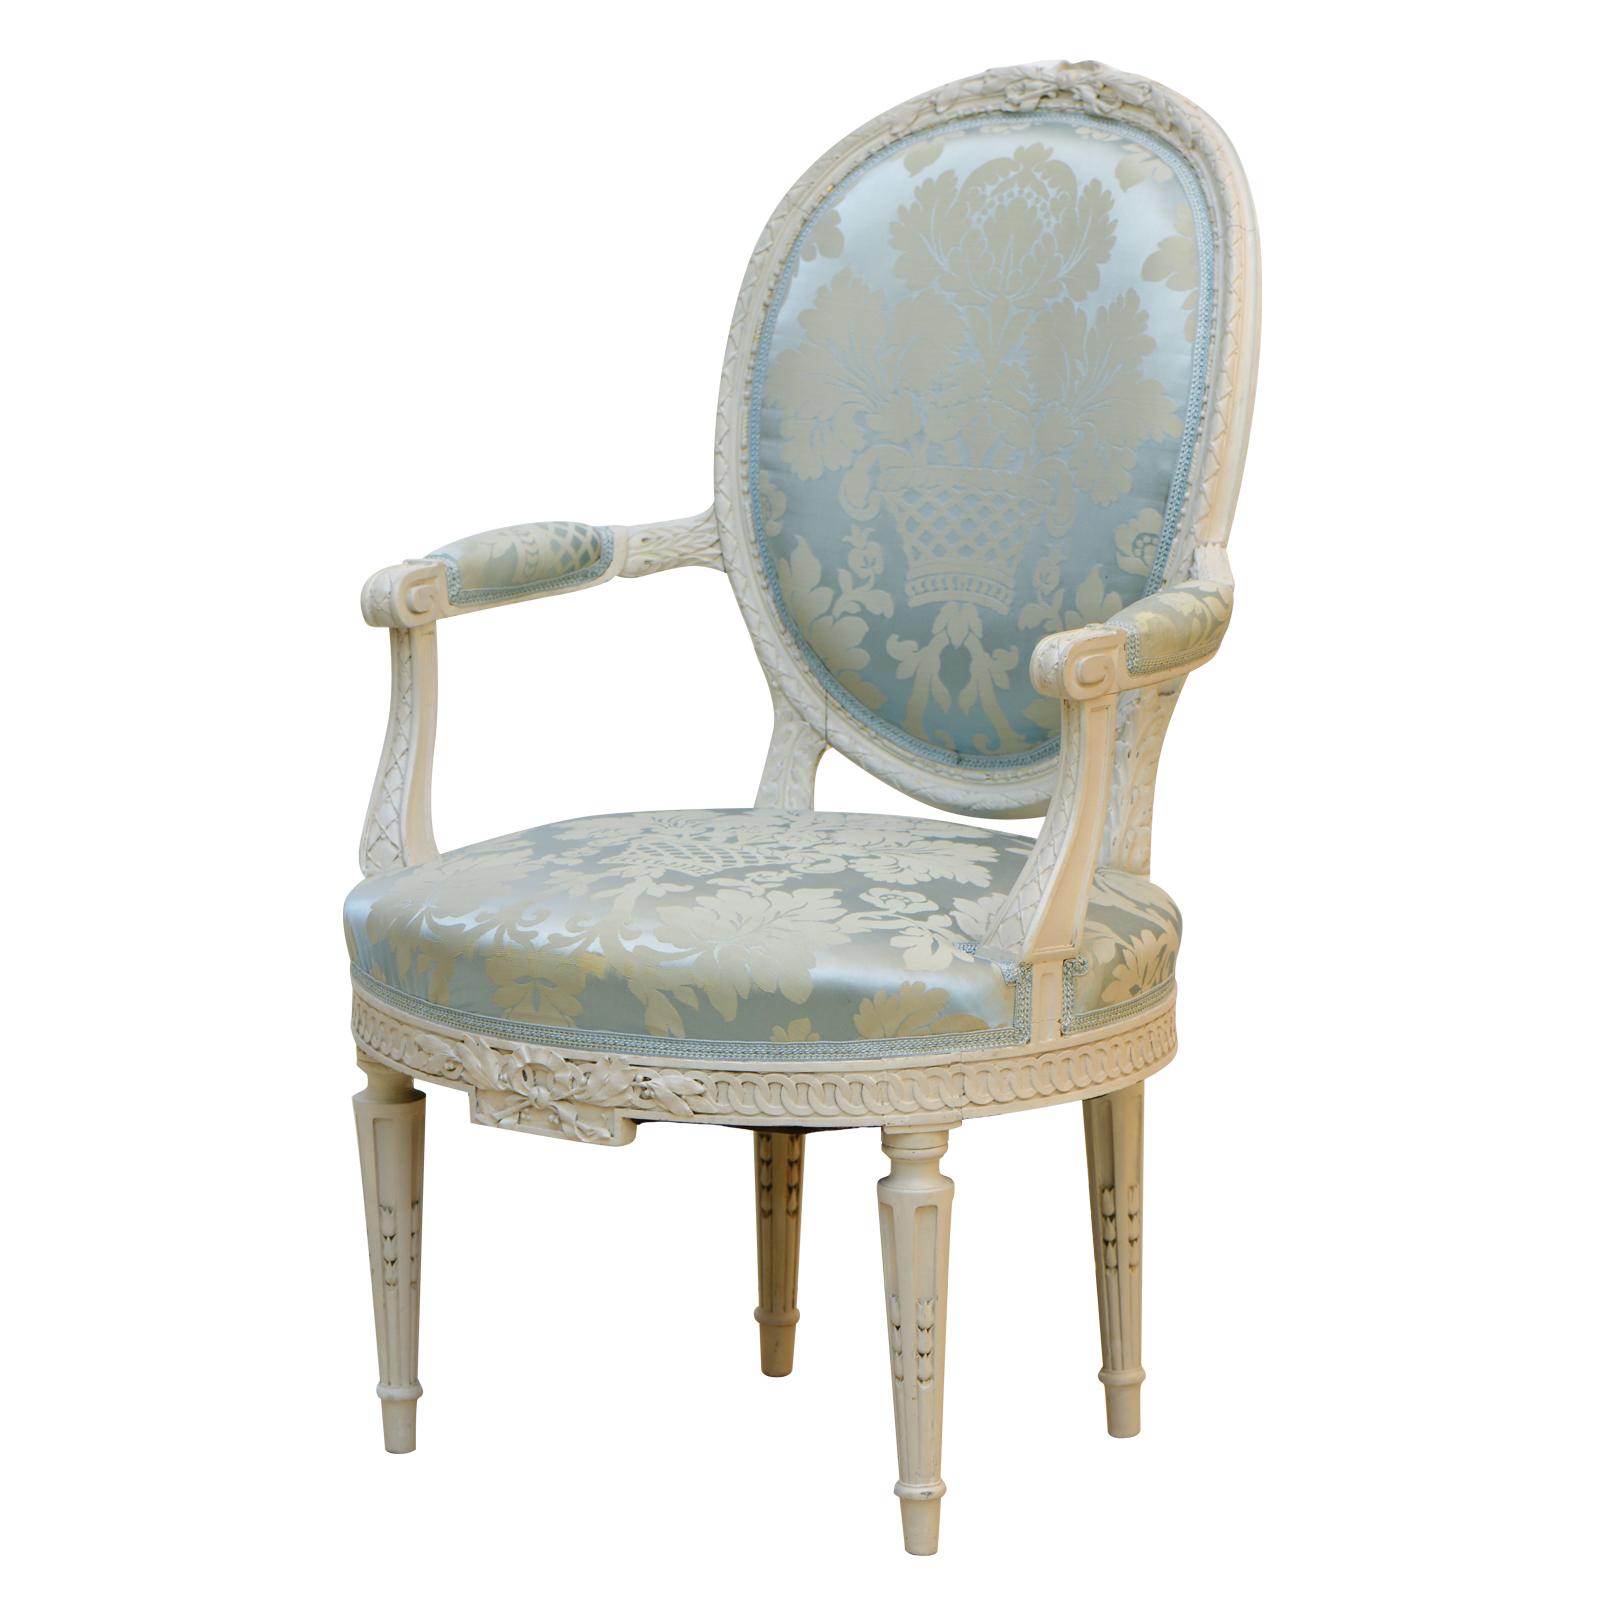 Der Holzrahmen des Sessels LUANA aus Massivholz wurde im hellgrauen Antik-Finish gearbeitet. MIt changierenden bleufarbenen Ornamentik-Stoff *****Hochwertiges aus zweiter Hand bei Phönix Schöner Leben*****